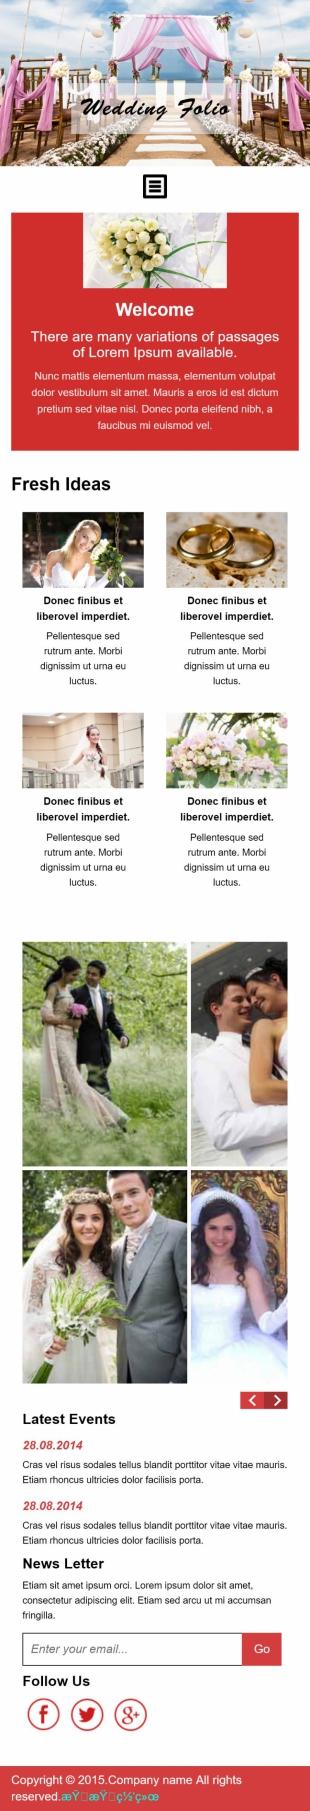 婚庆类英文模板网站制作手机图片